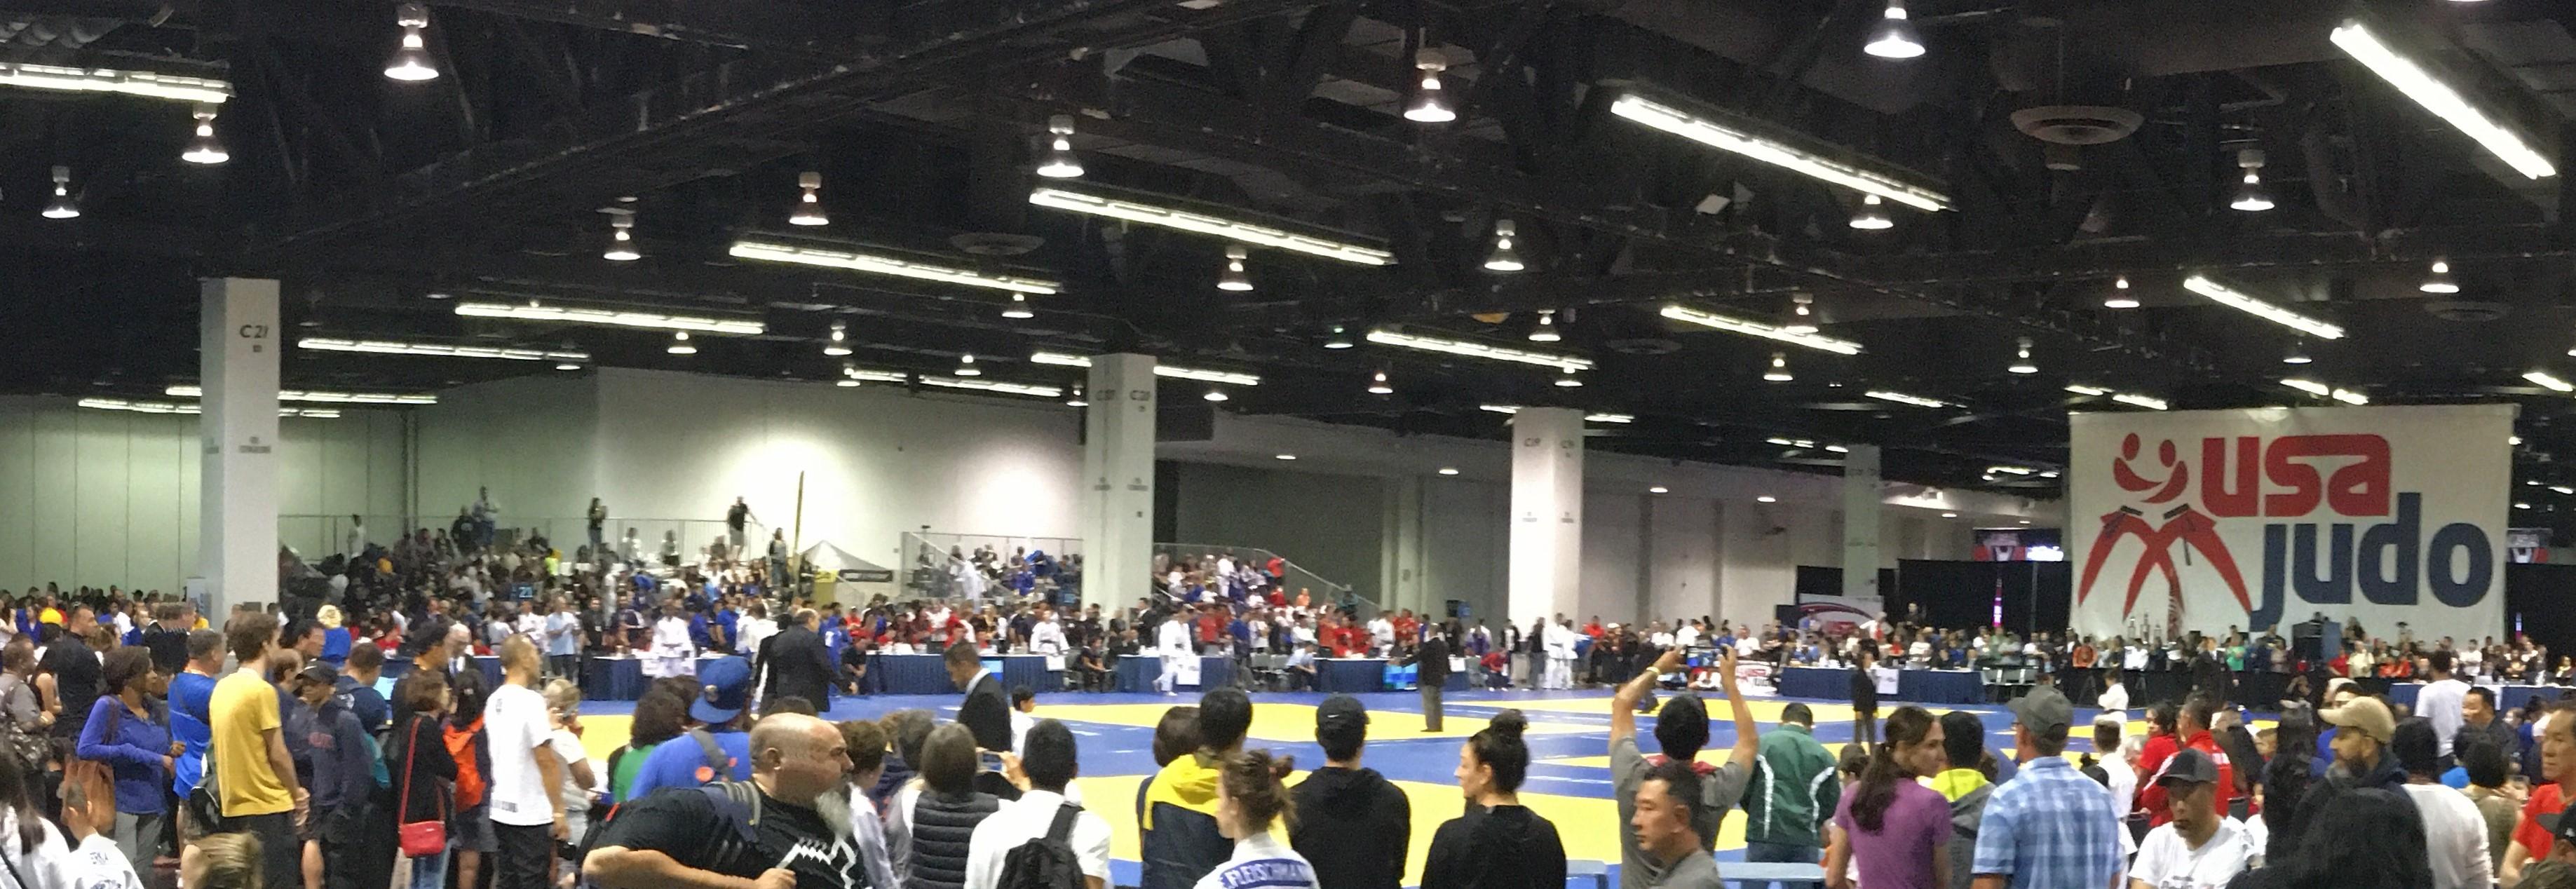 USA Judo Clubs